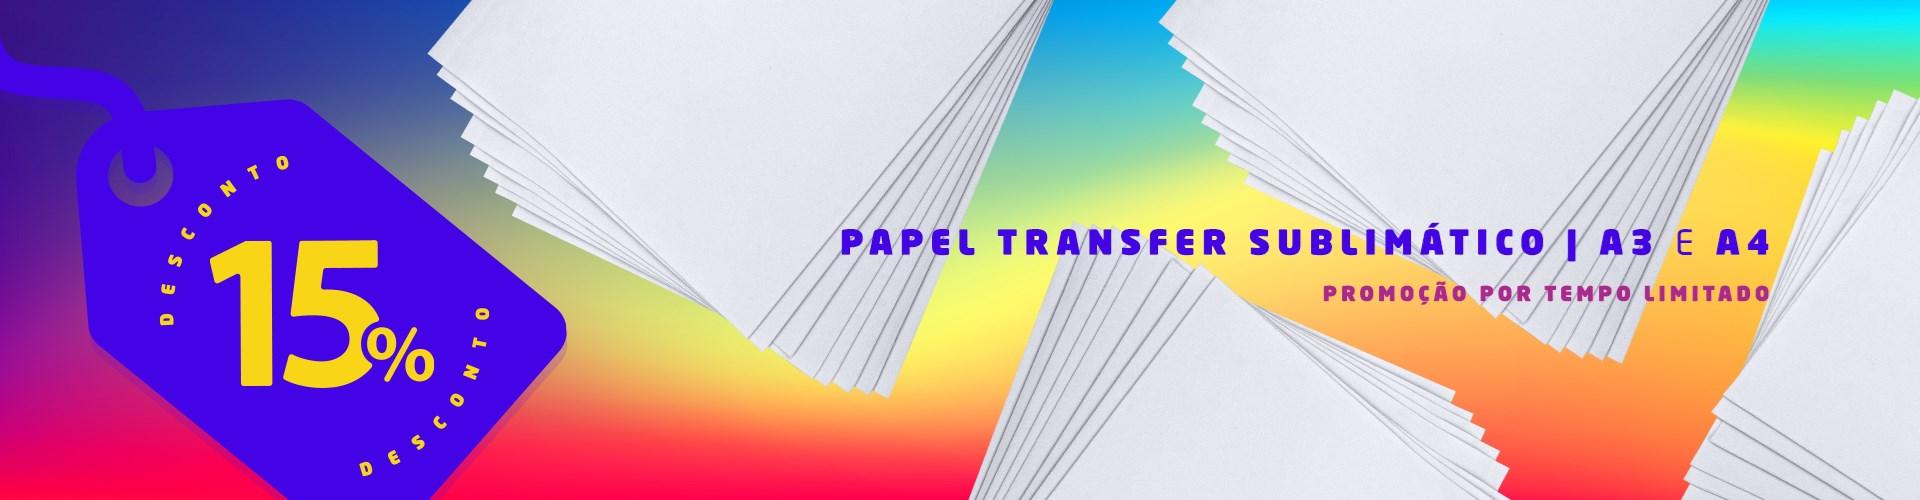 Promoção - Papel Transfer